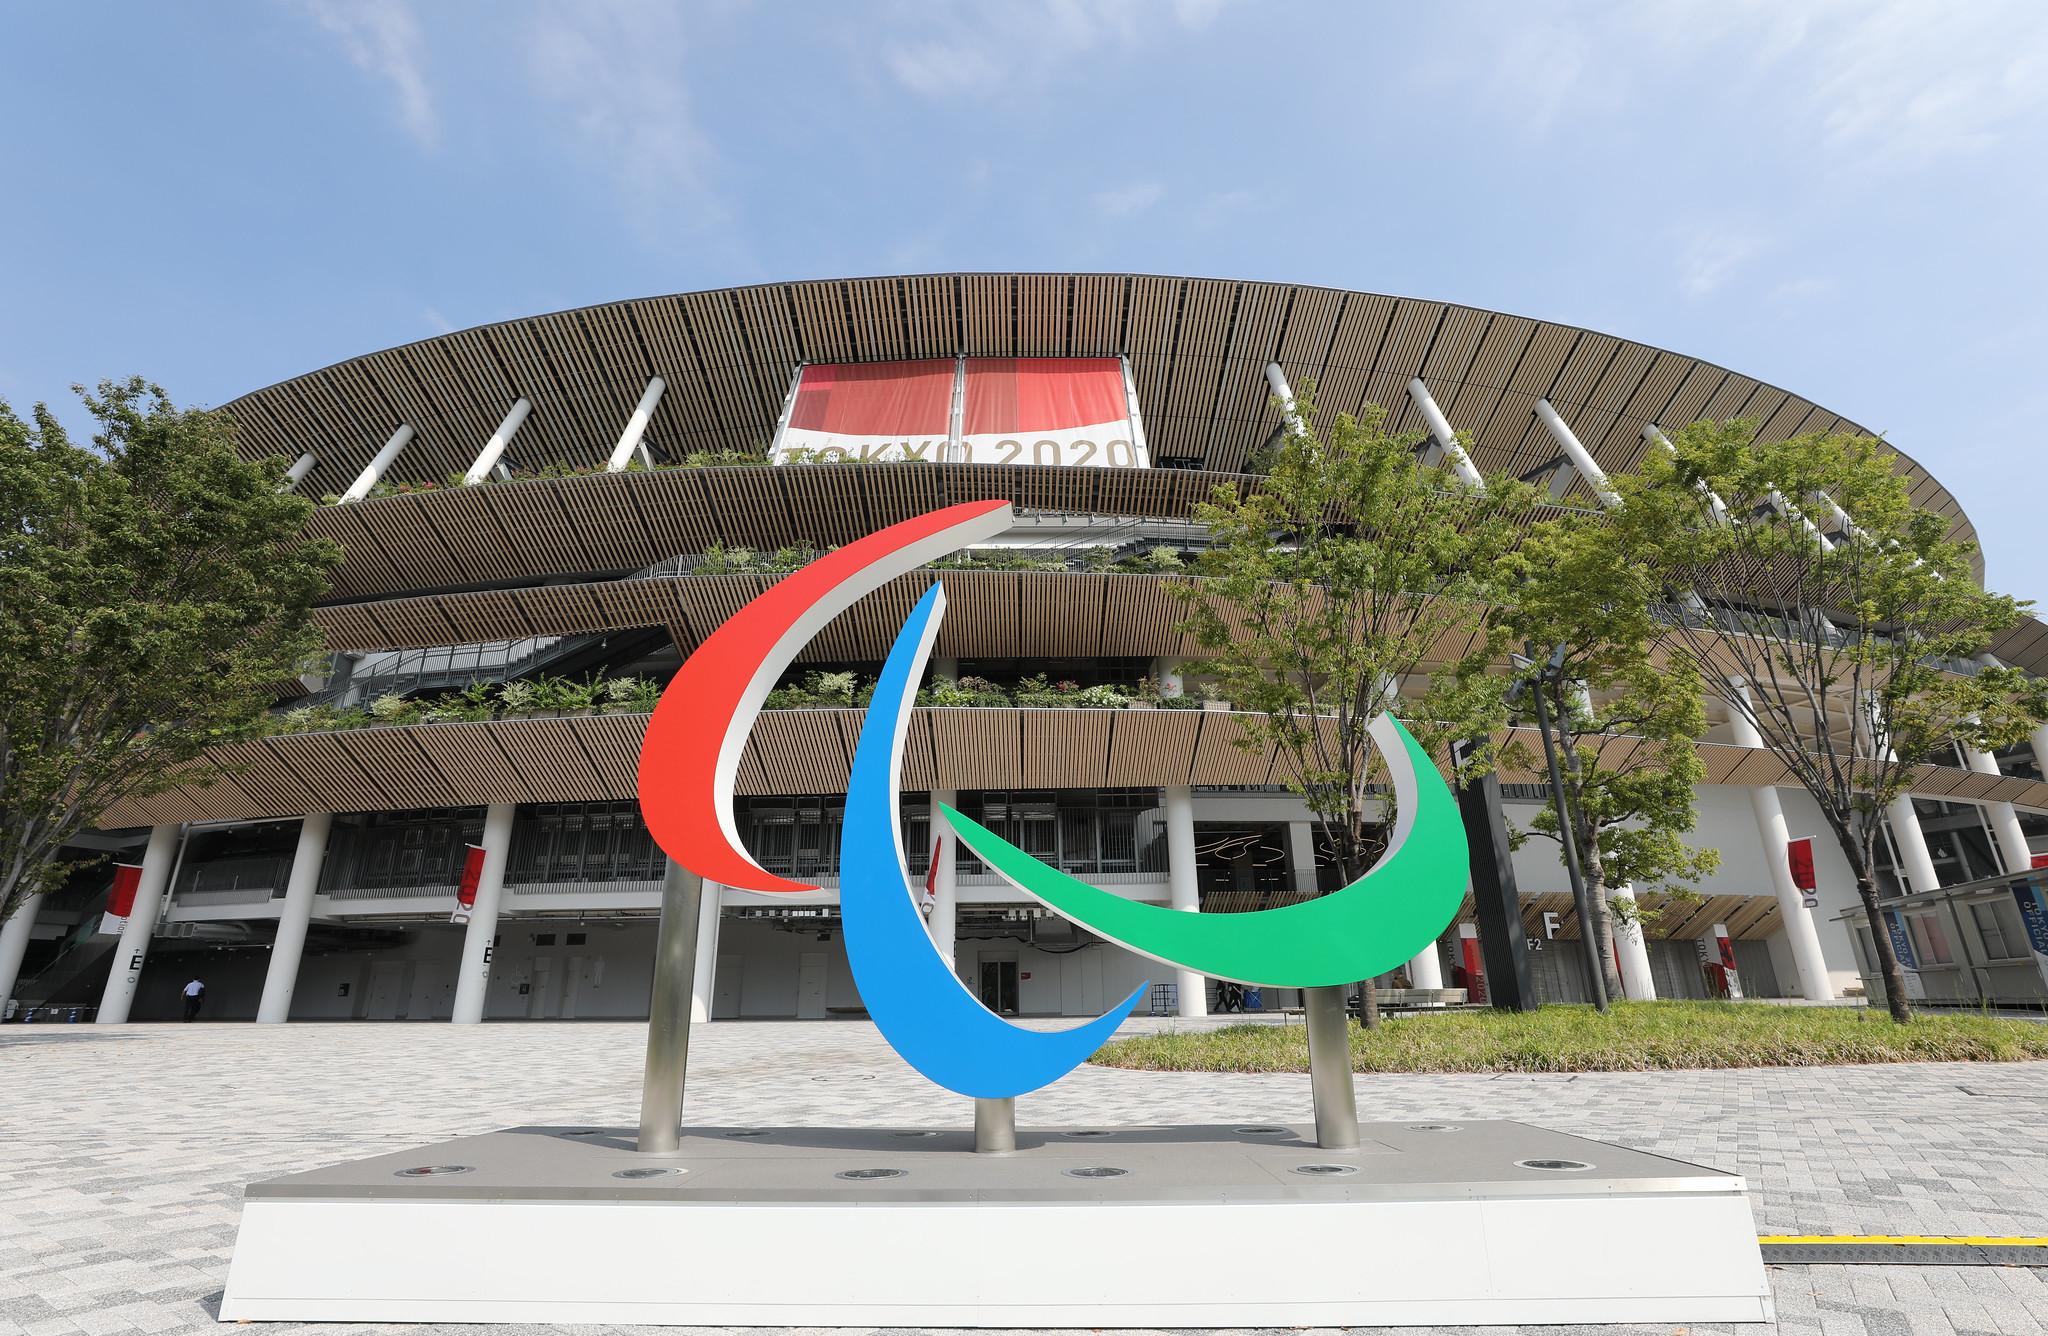 Foto em grande angular, com escultura dos Agitos em primeiro plano, com Estádio Olímpico ao fundo